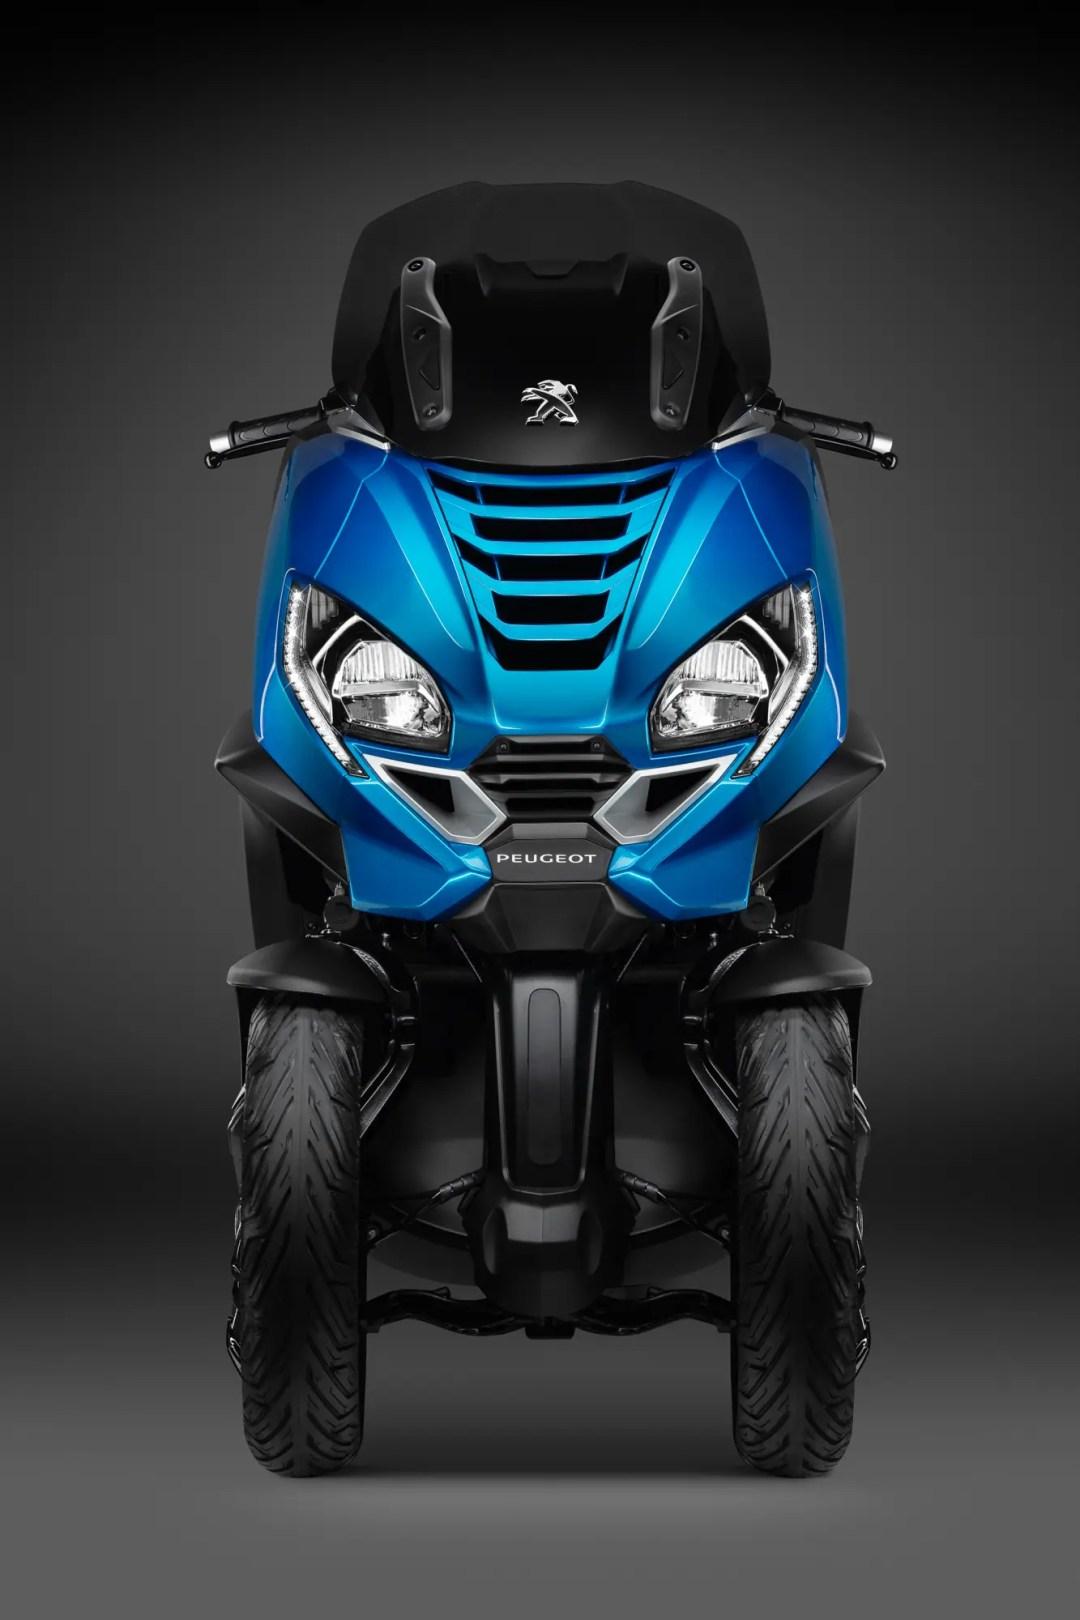 Vu avant Peugeot Métropolis 400 bleu turquoise 2021